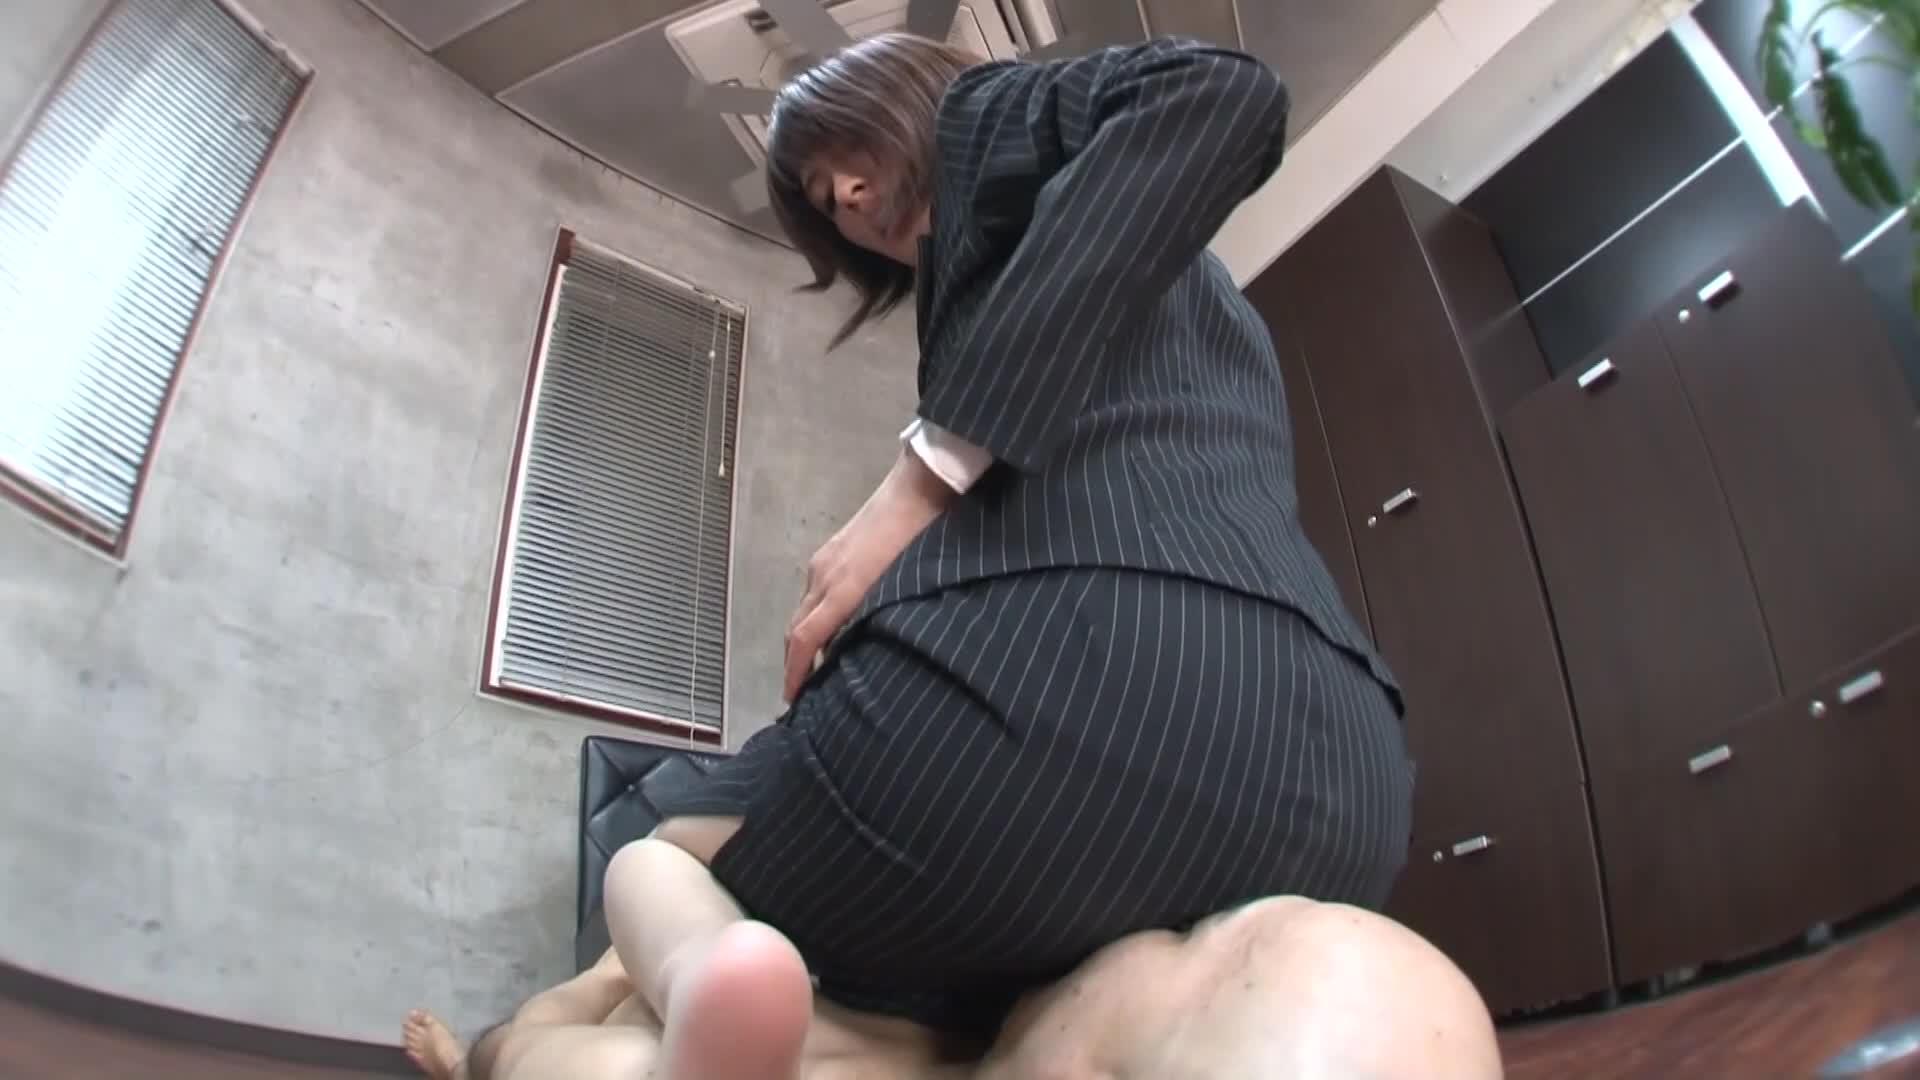 【素人撮影】働く女性の仕事の合間のいけない行為!「肉体